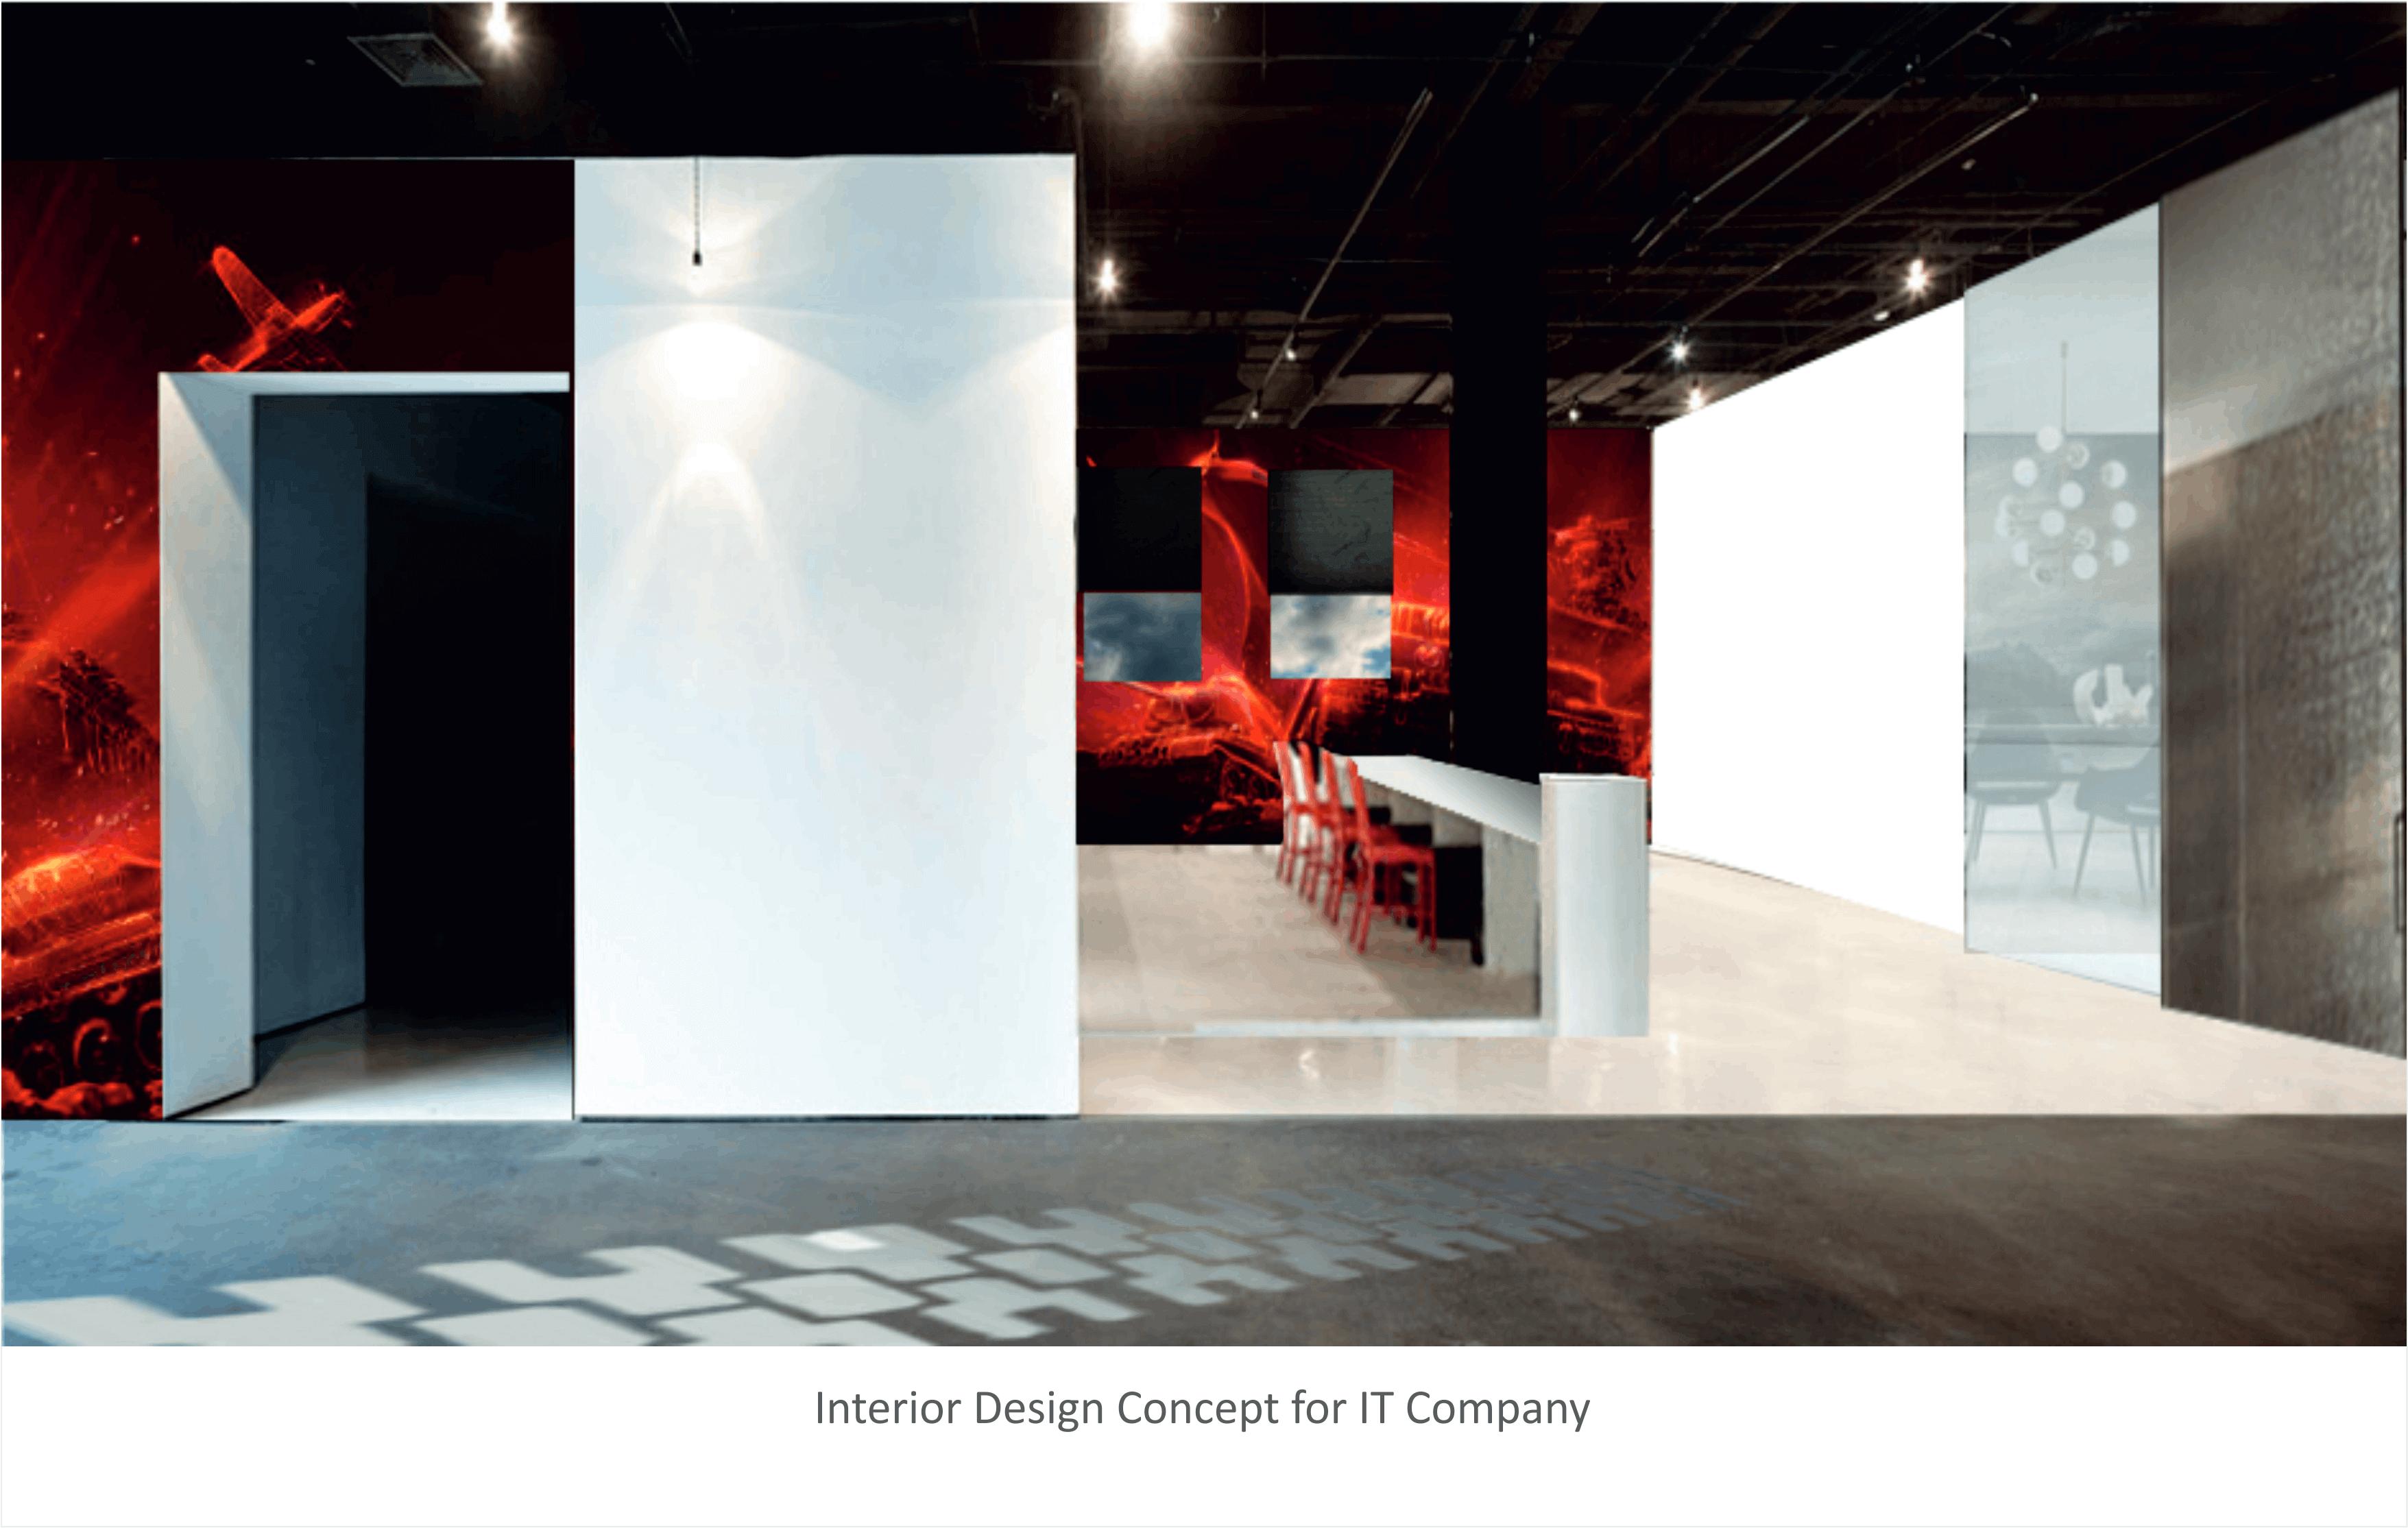 it-company-interior-design-concept-1